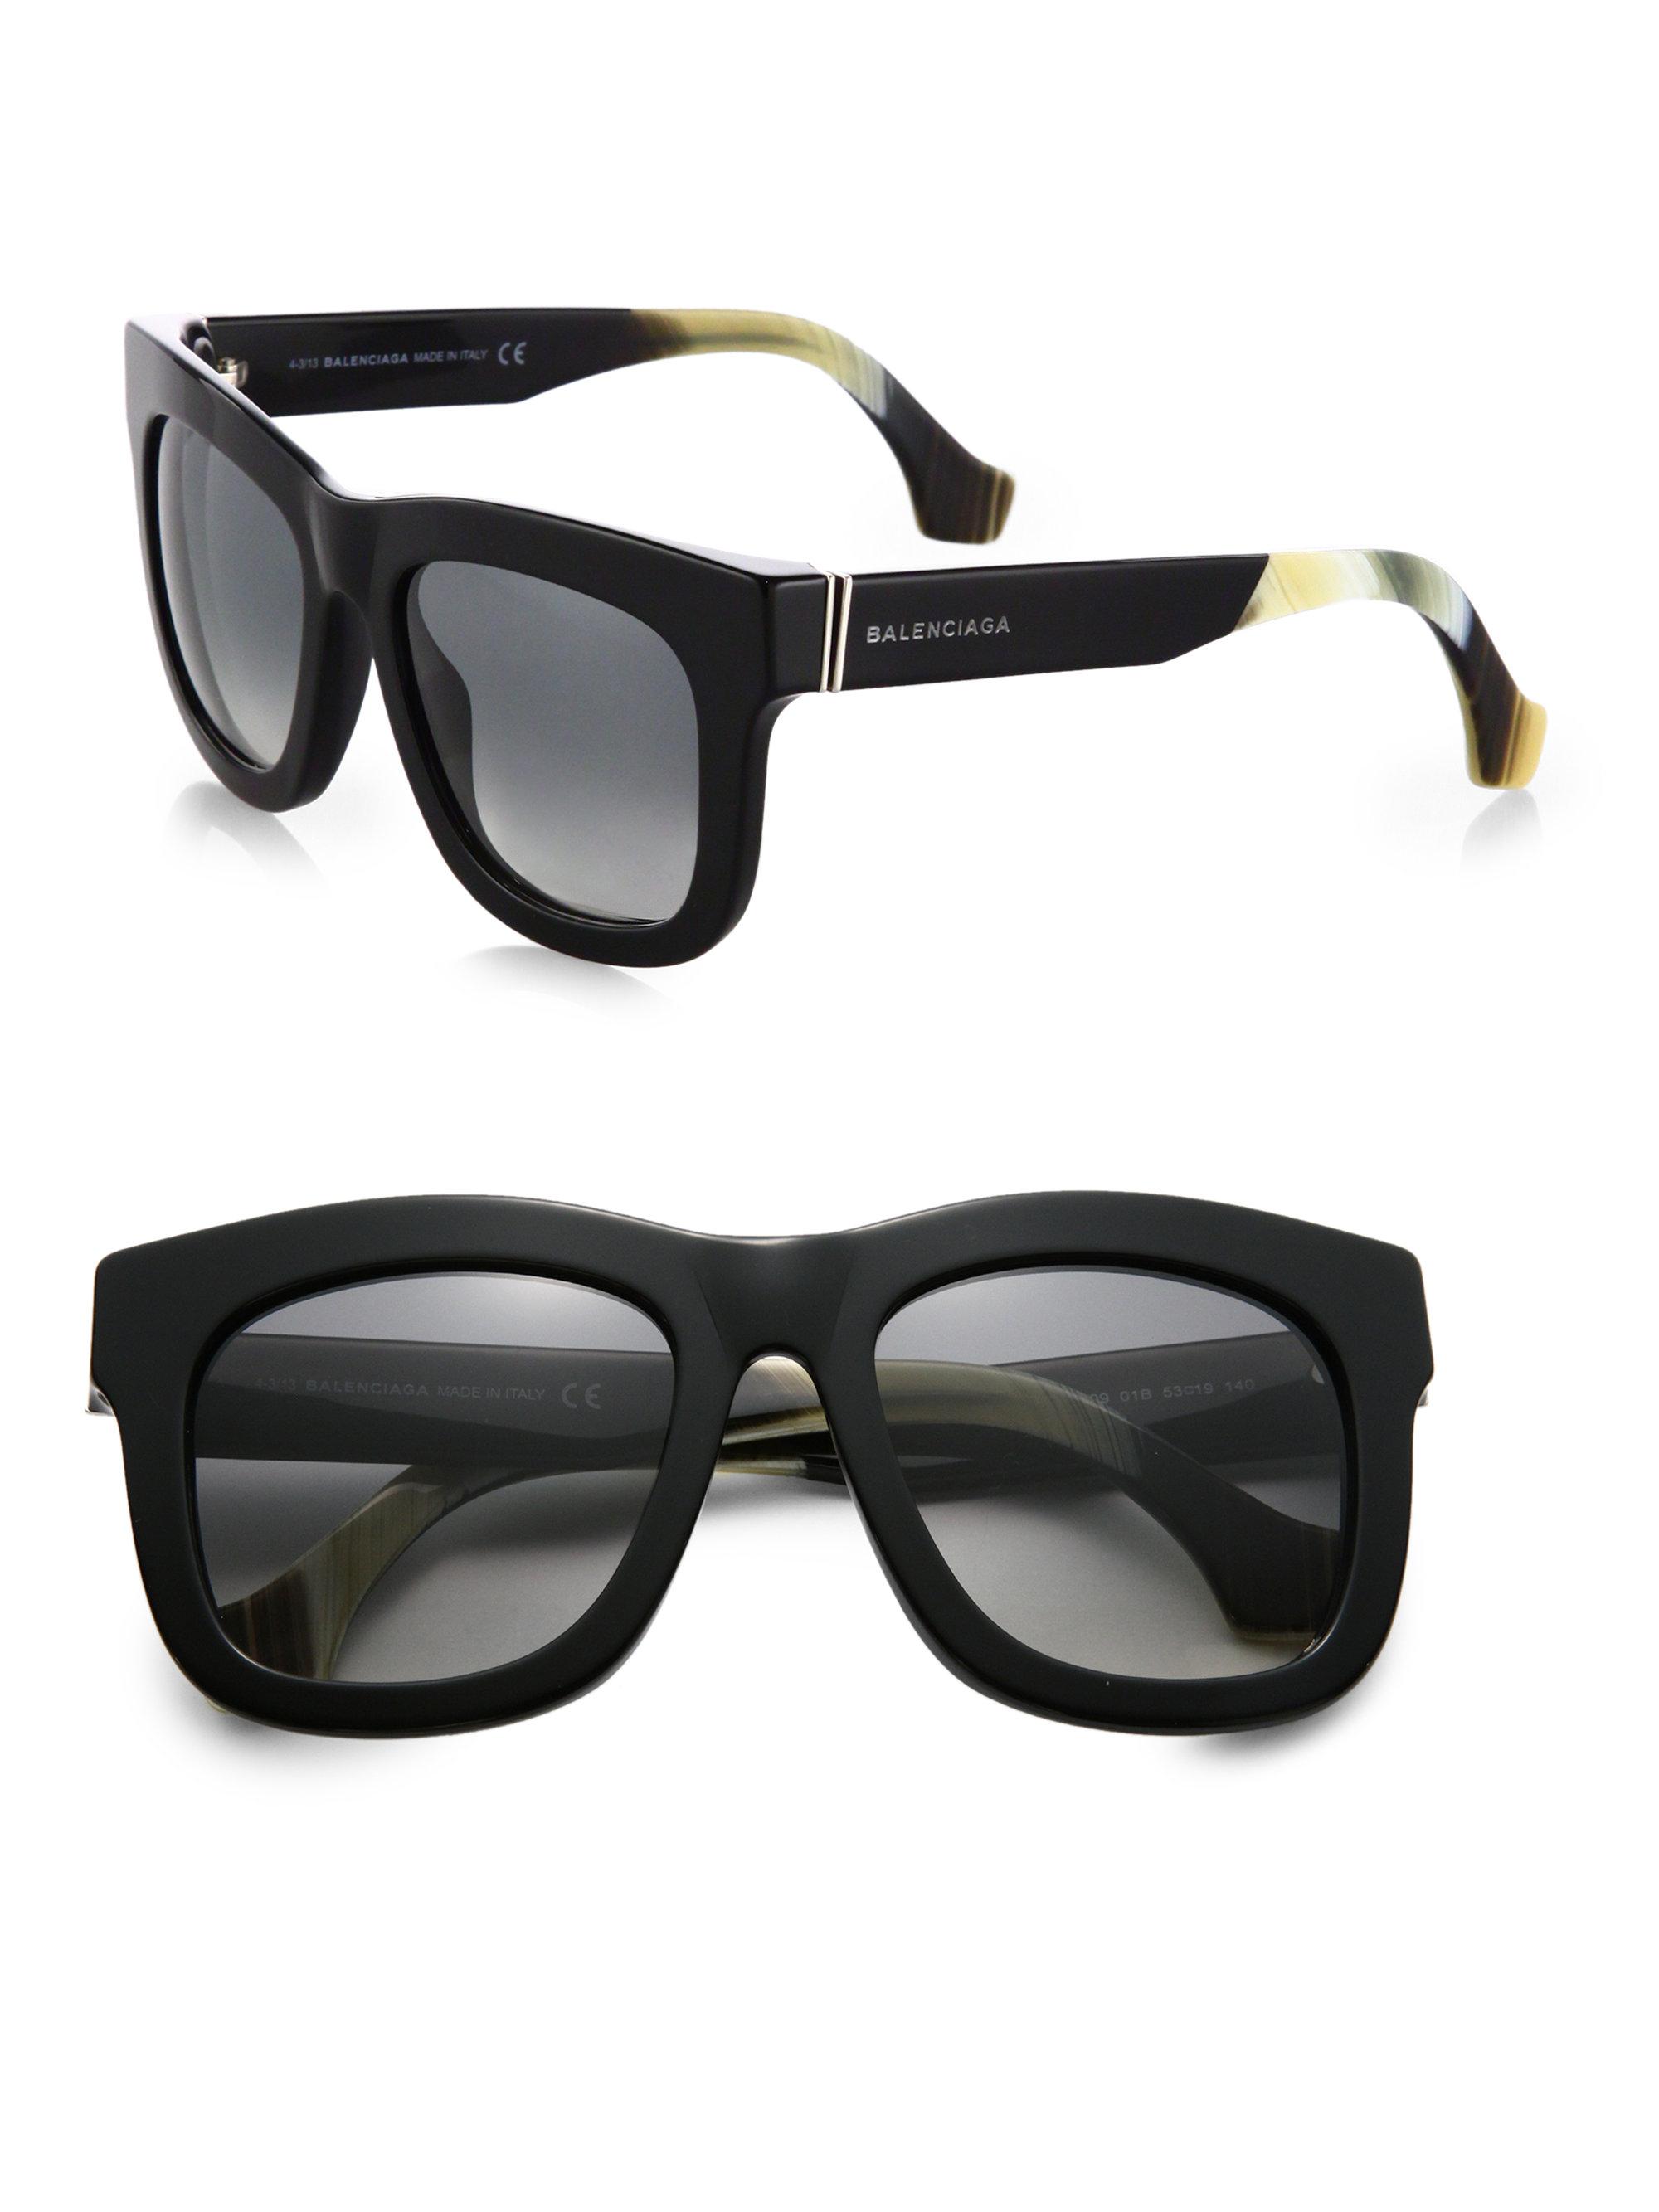 Balenciaga Oversized Square Sunglasses In Black Smoke Lyst